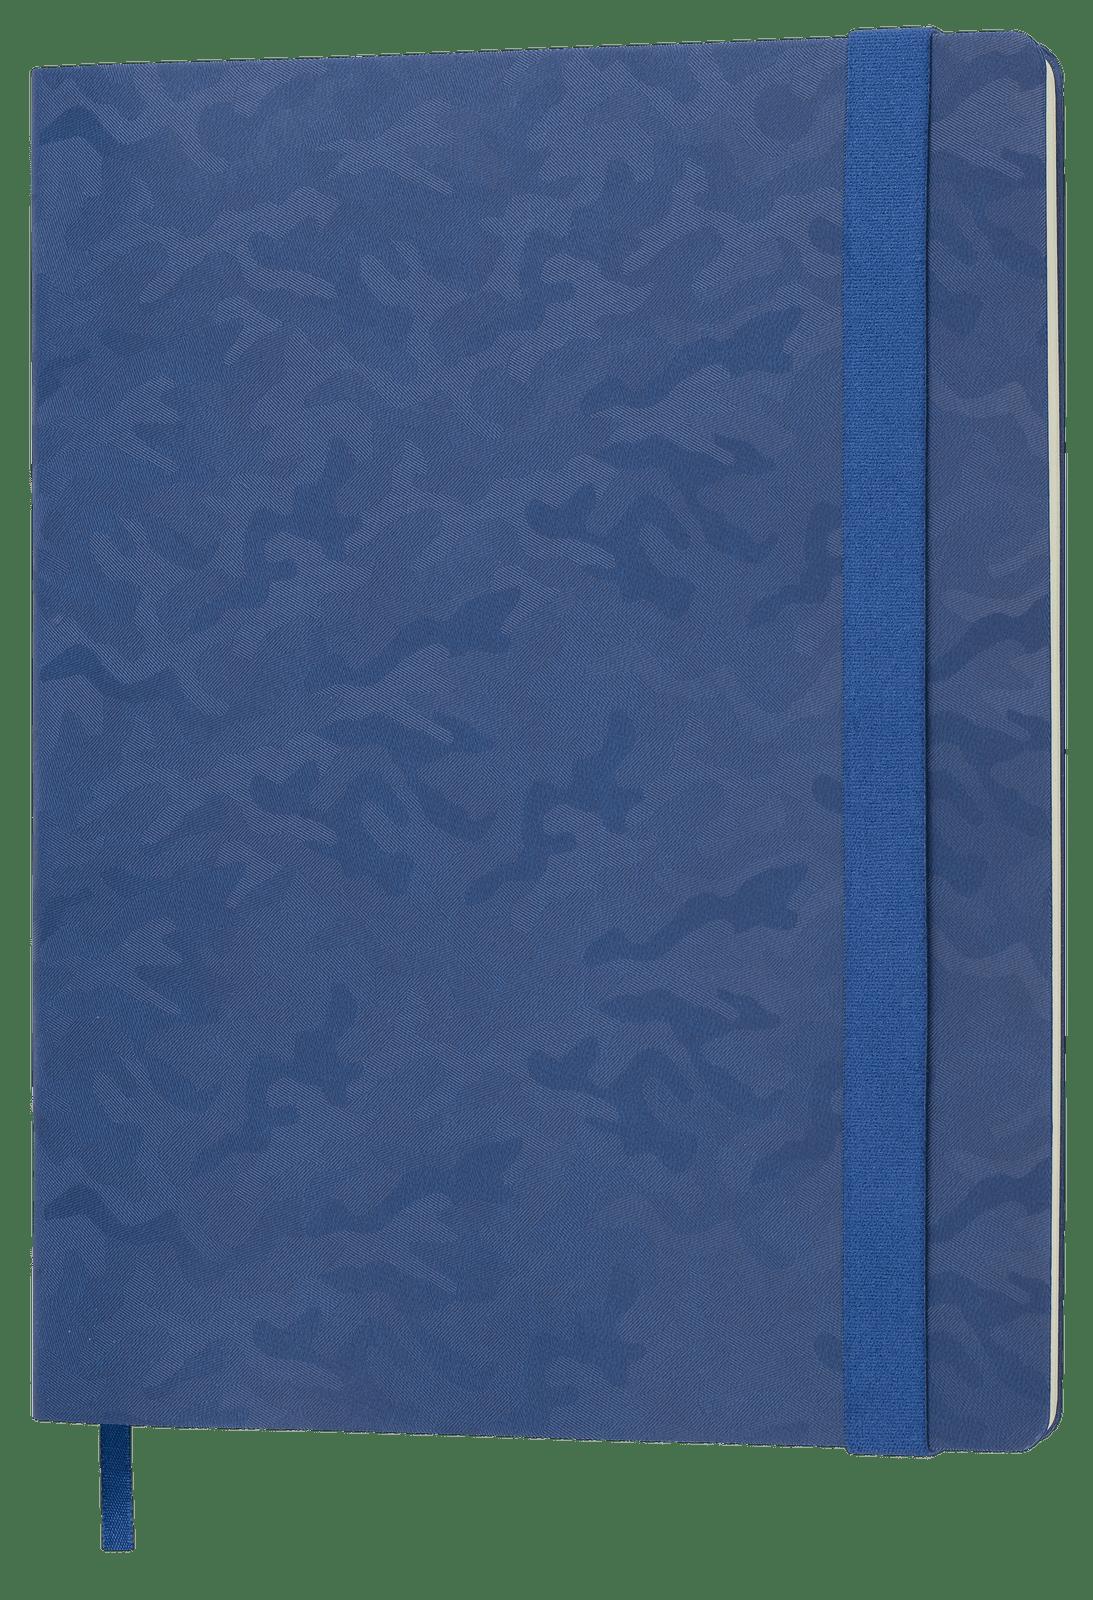 TM21228_26 - Tabby Biggy azul marino